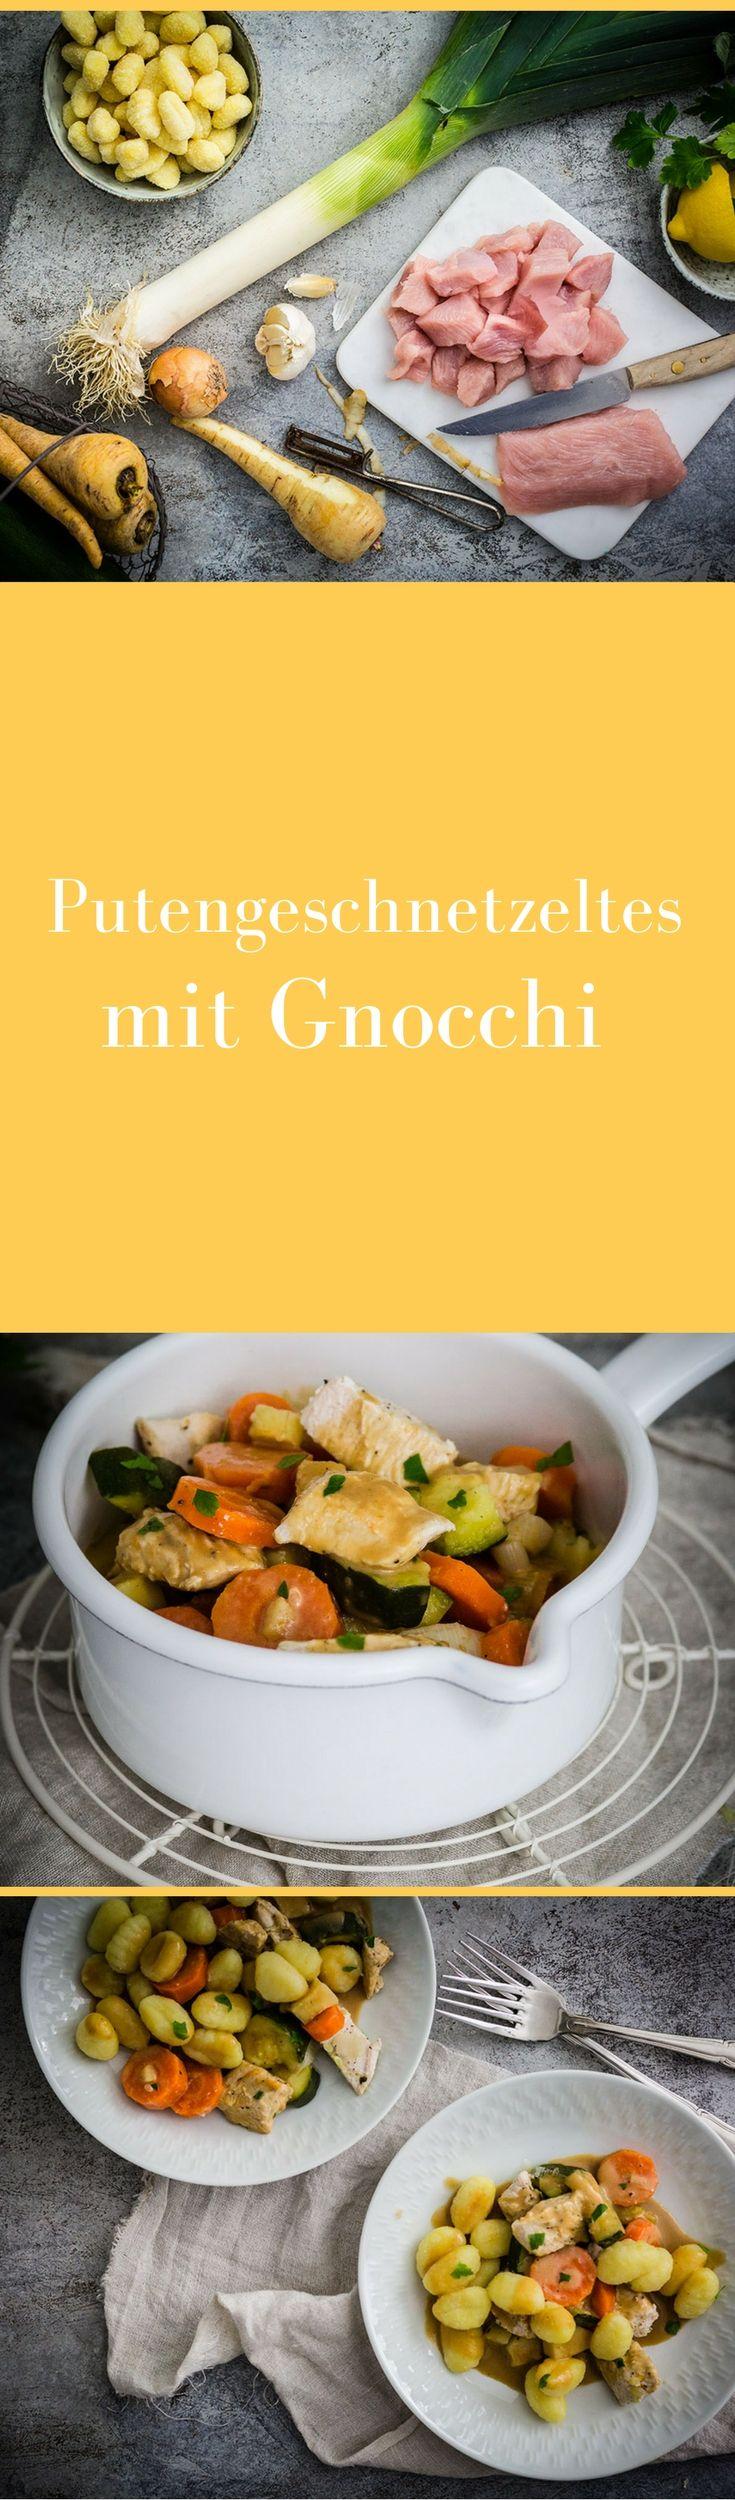 Ein tolles Rezept für Putengeschnetzeltes auf www.jokihu.de